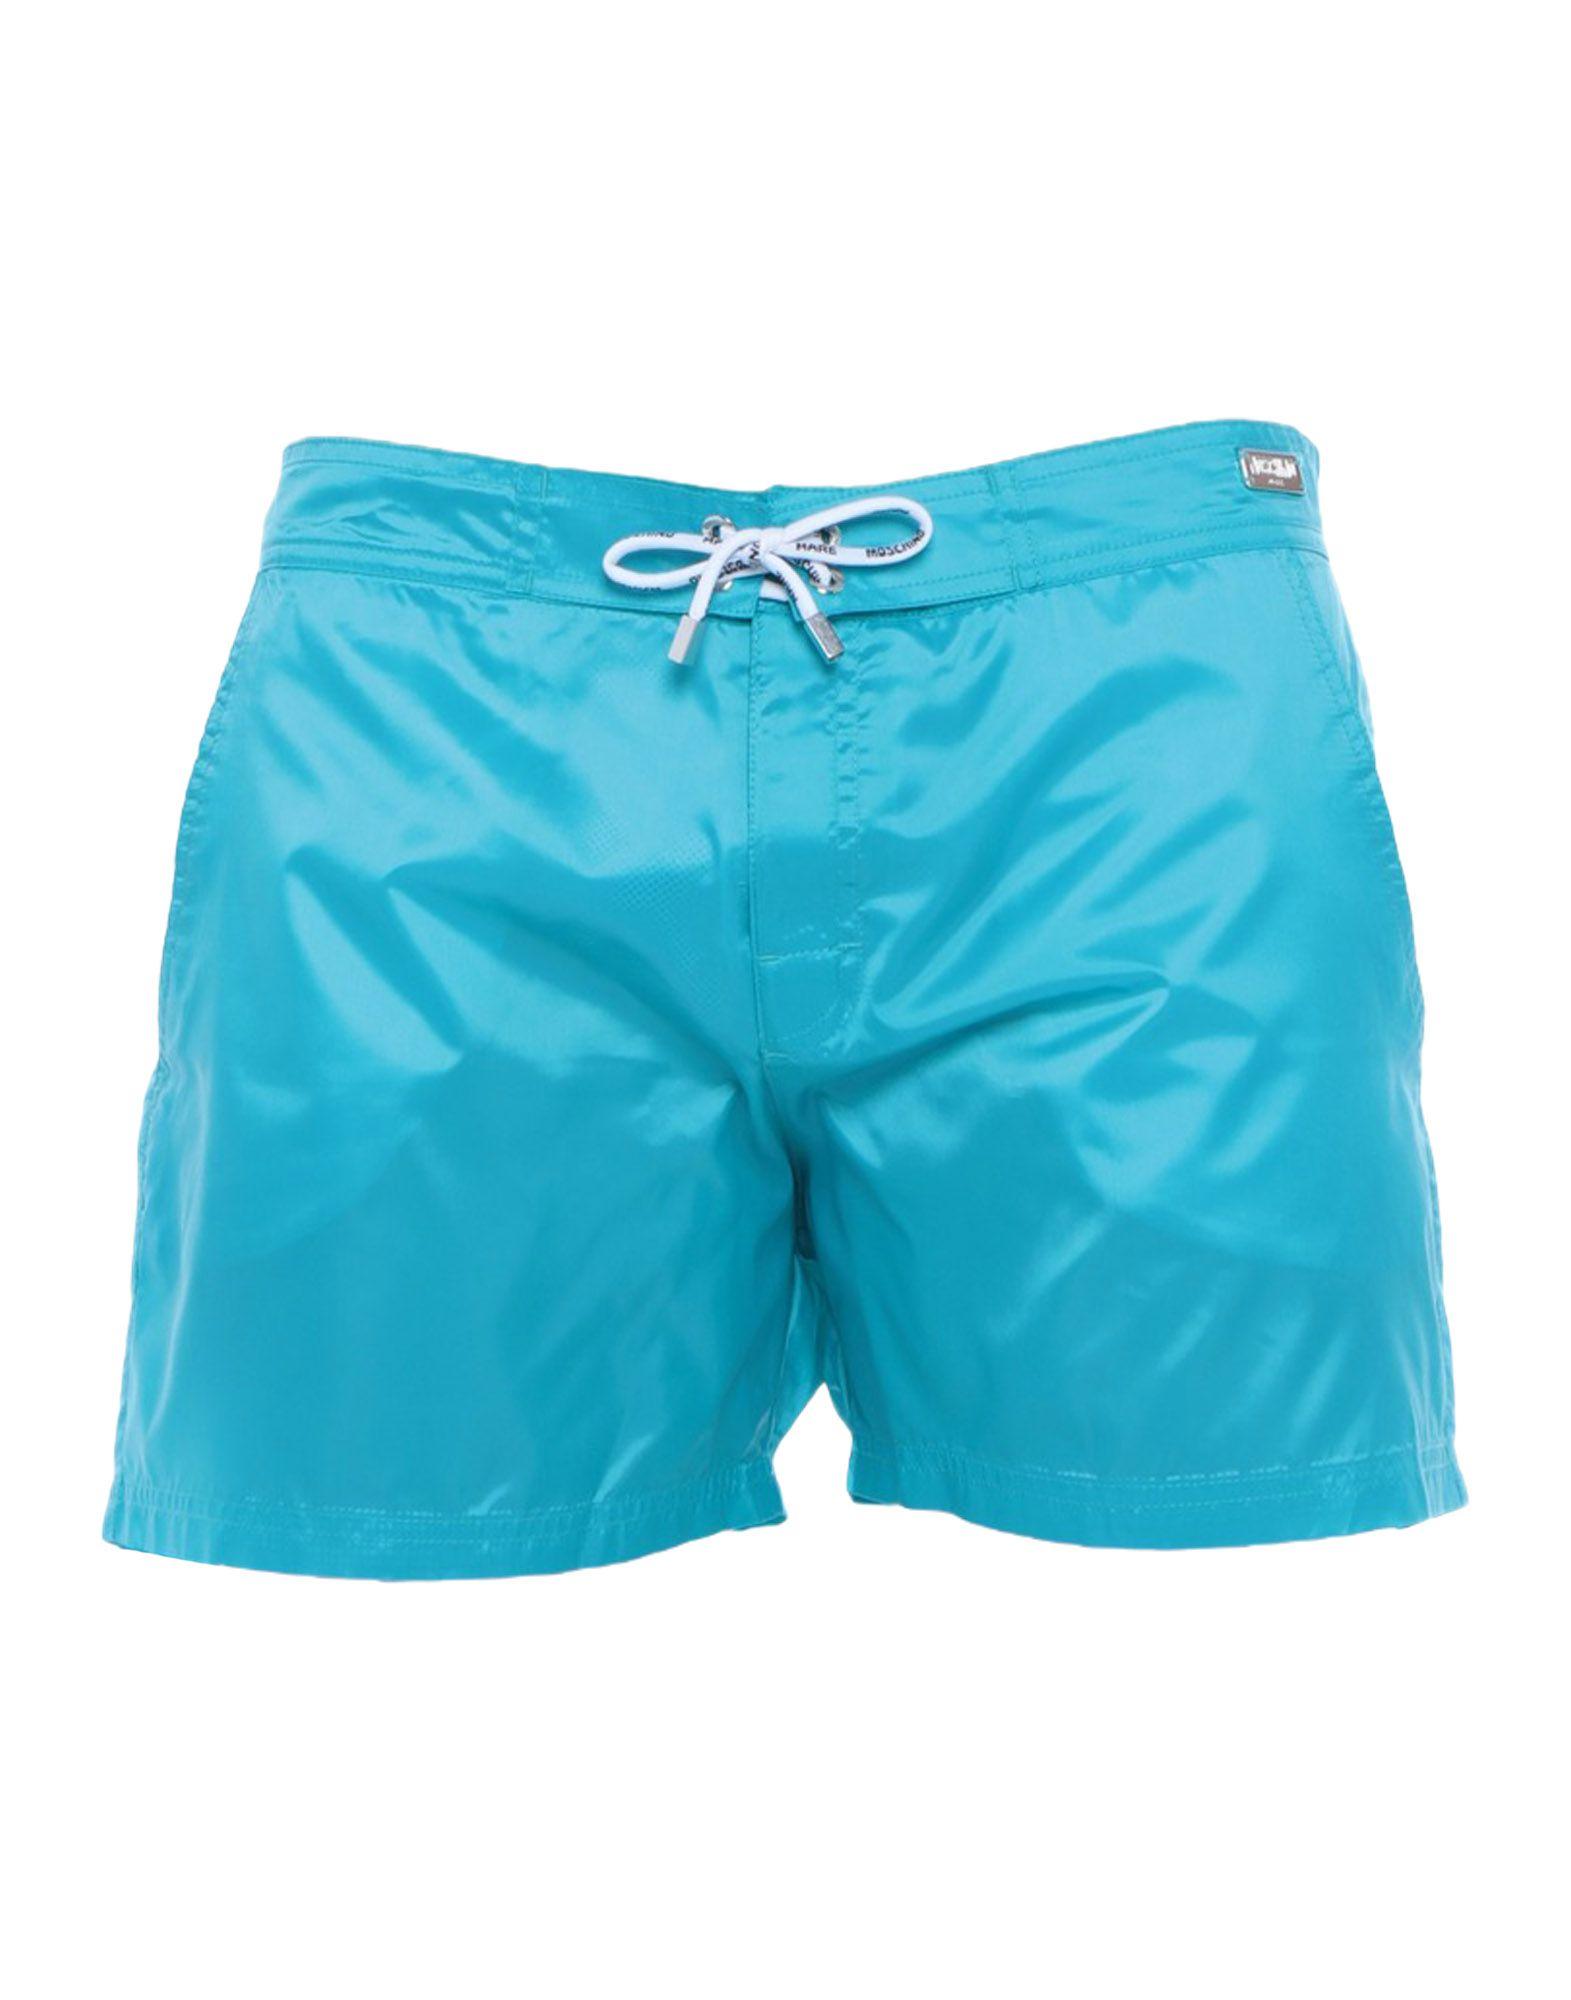 《セール開催中》MOSCHINO メンズ 水着(ボクサーパンツ) ターコイズブルー 52 ナイロン 100%